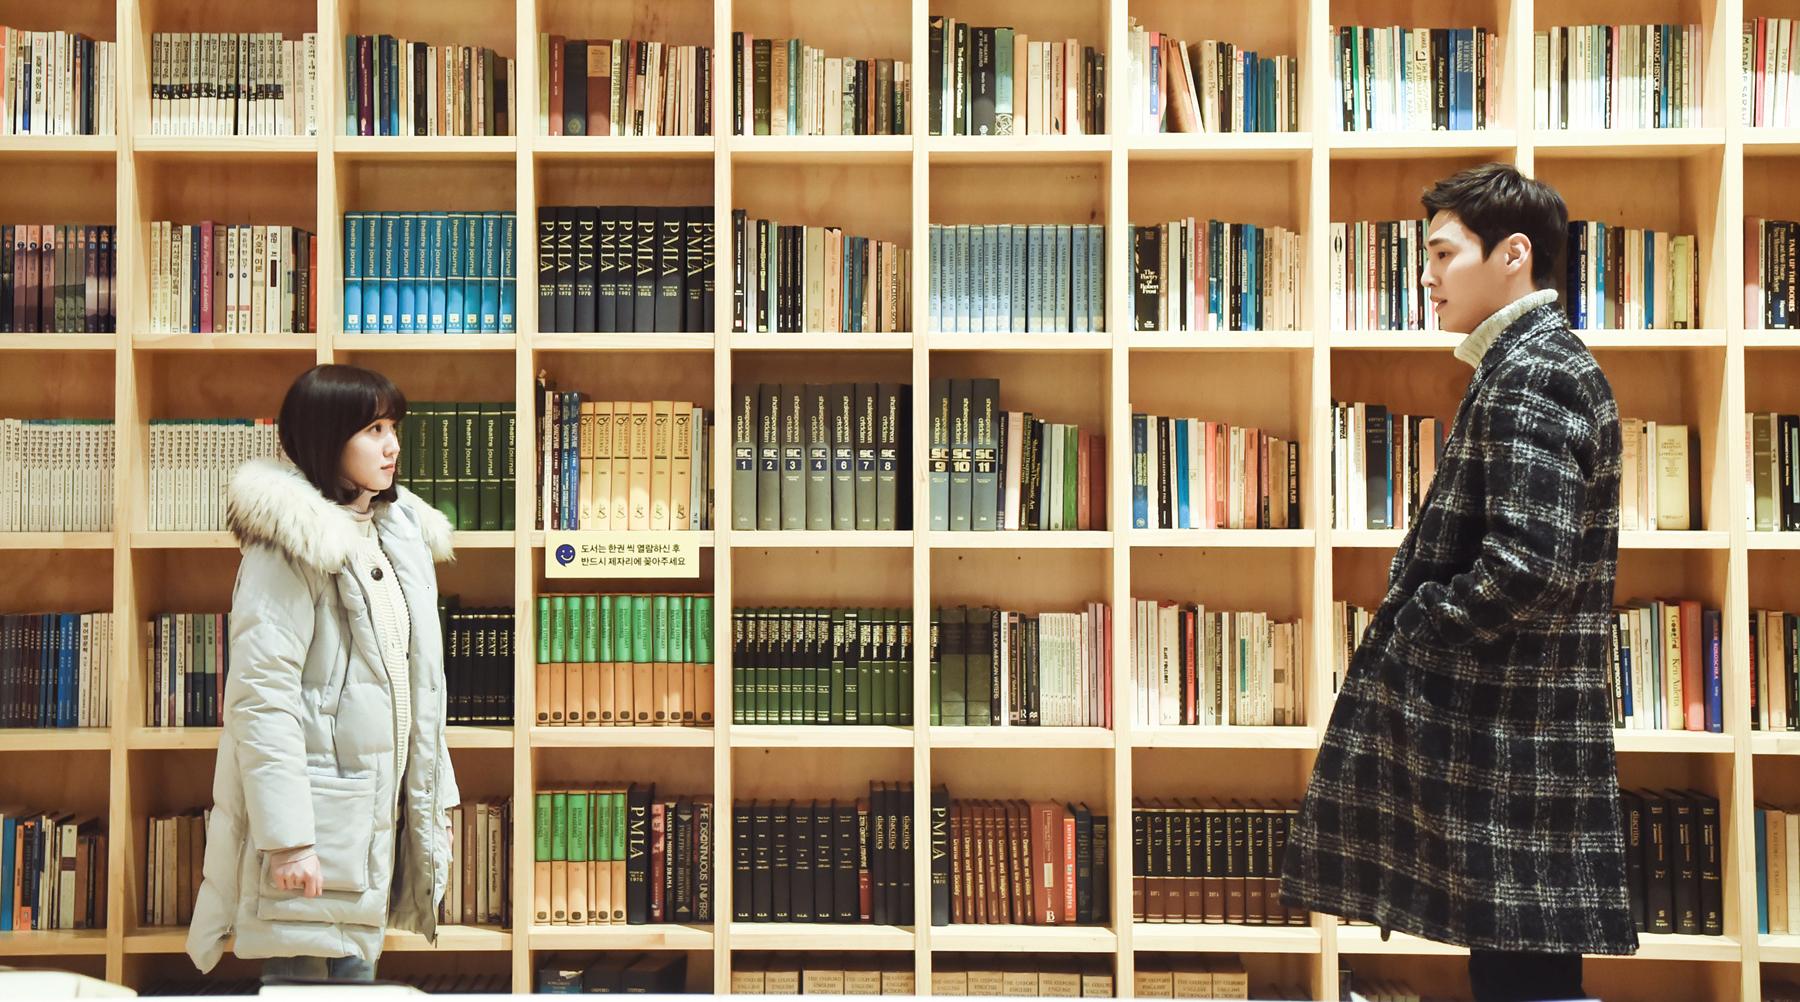 [소소(所所)한 그곳] 박은빈-이태환, 로맨틱 '도서관 데이트' 장소는? <아제모>